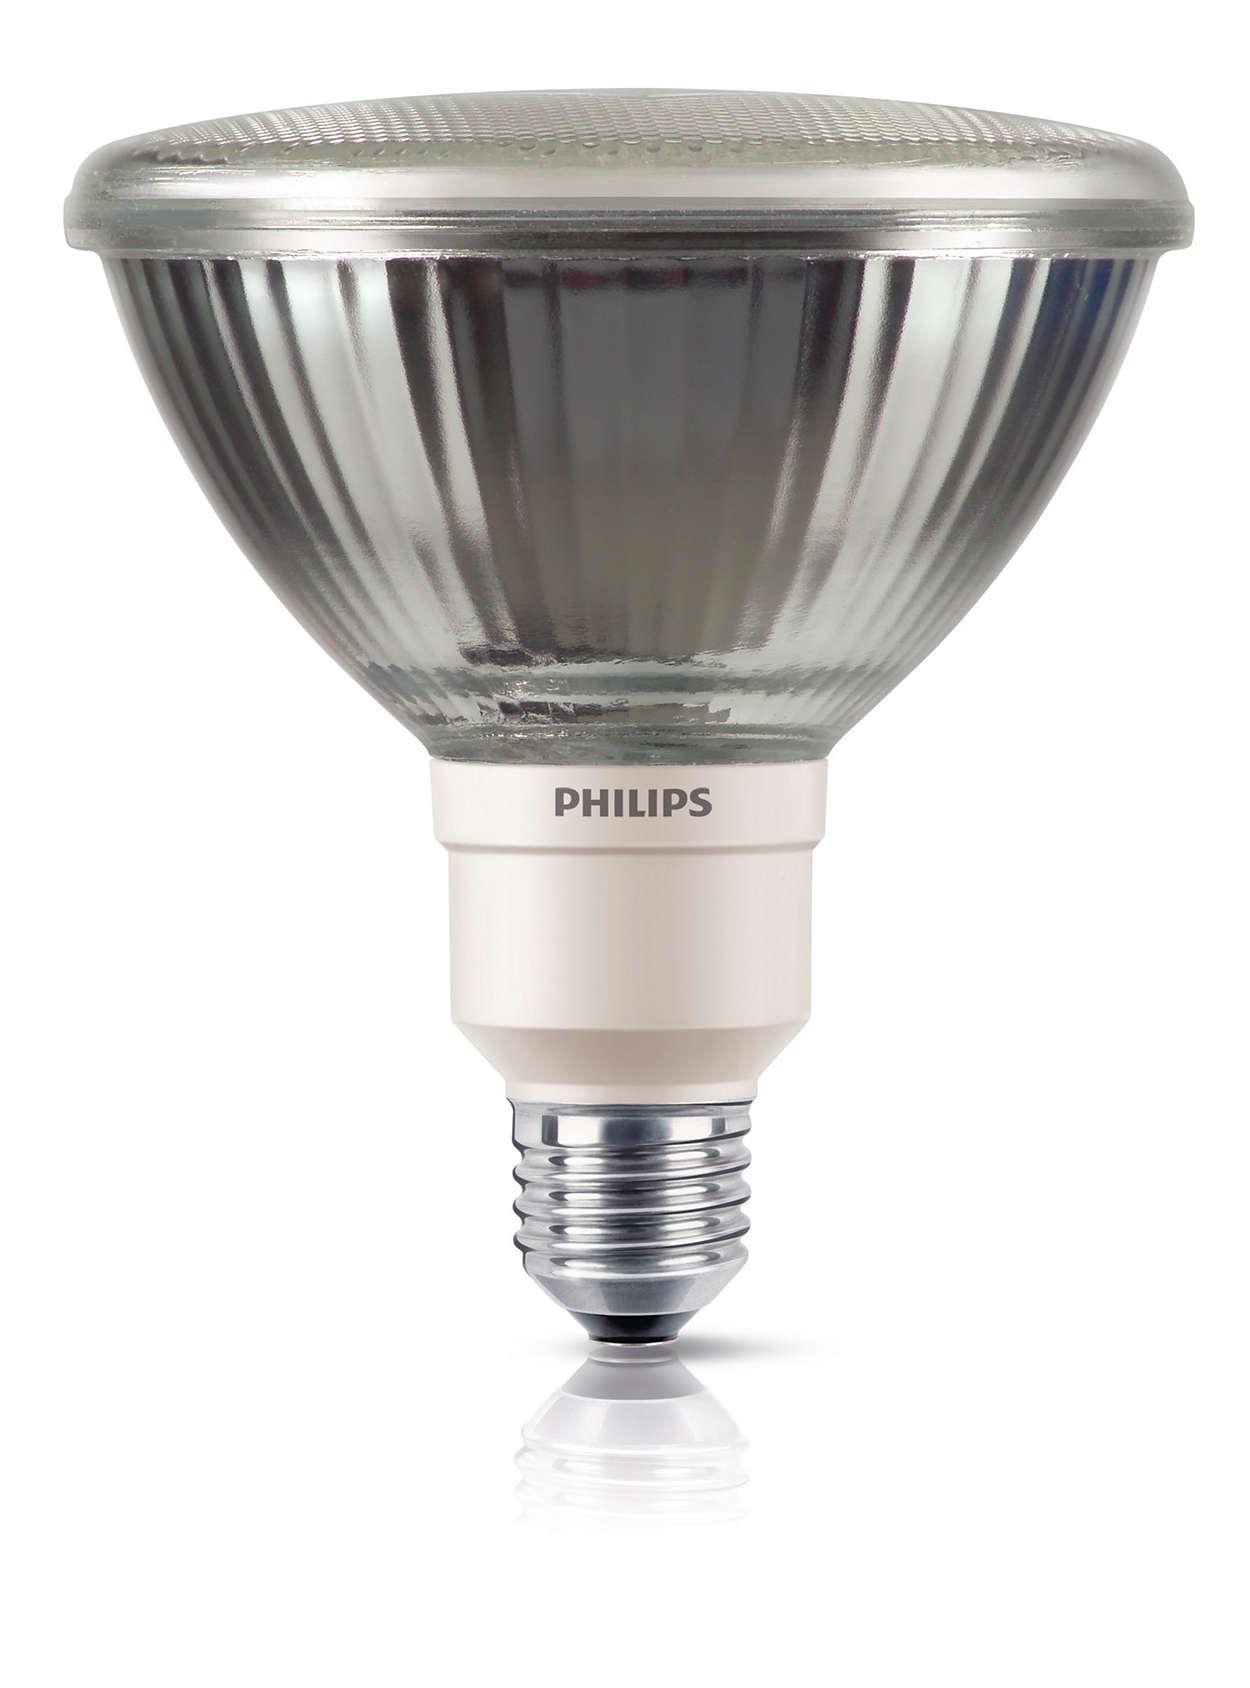 Reflektorska rasvjeta koja štedi energiju